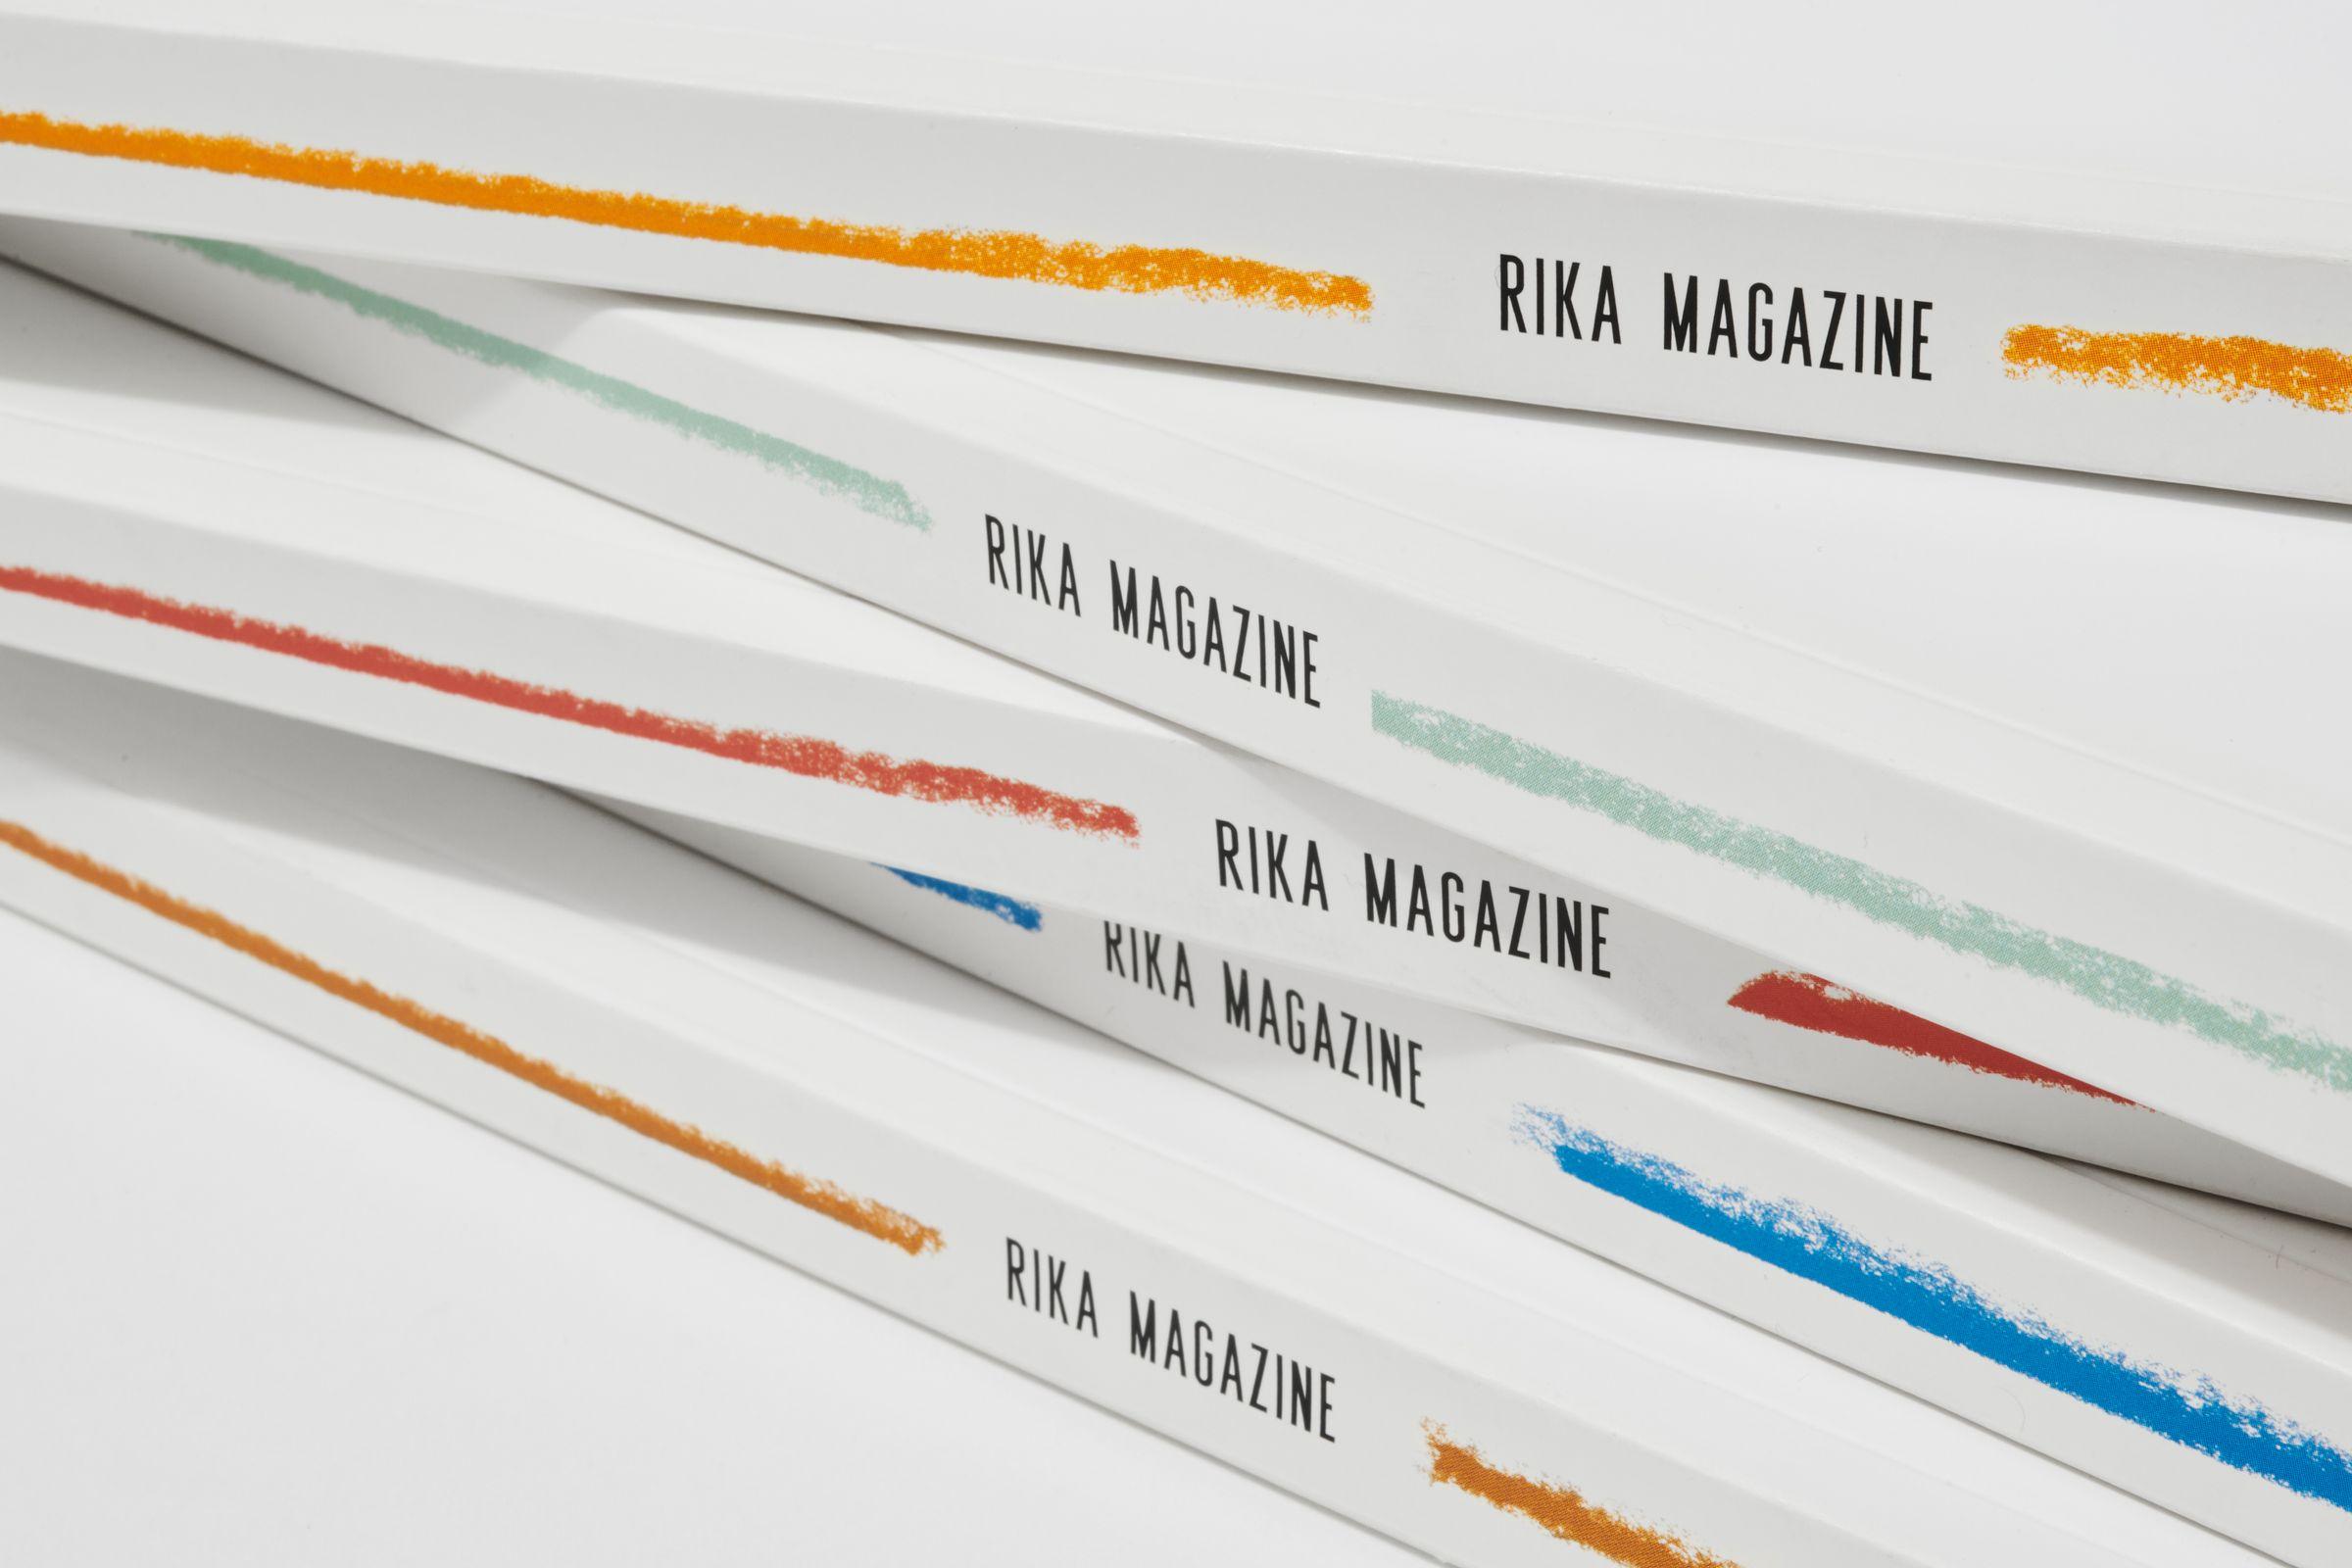 Rika Magazine issue no. 13 spine detail